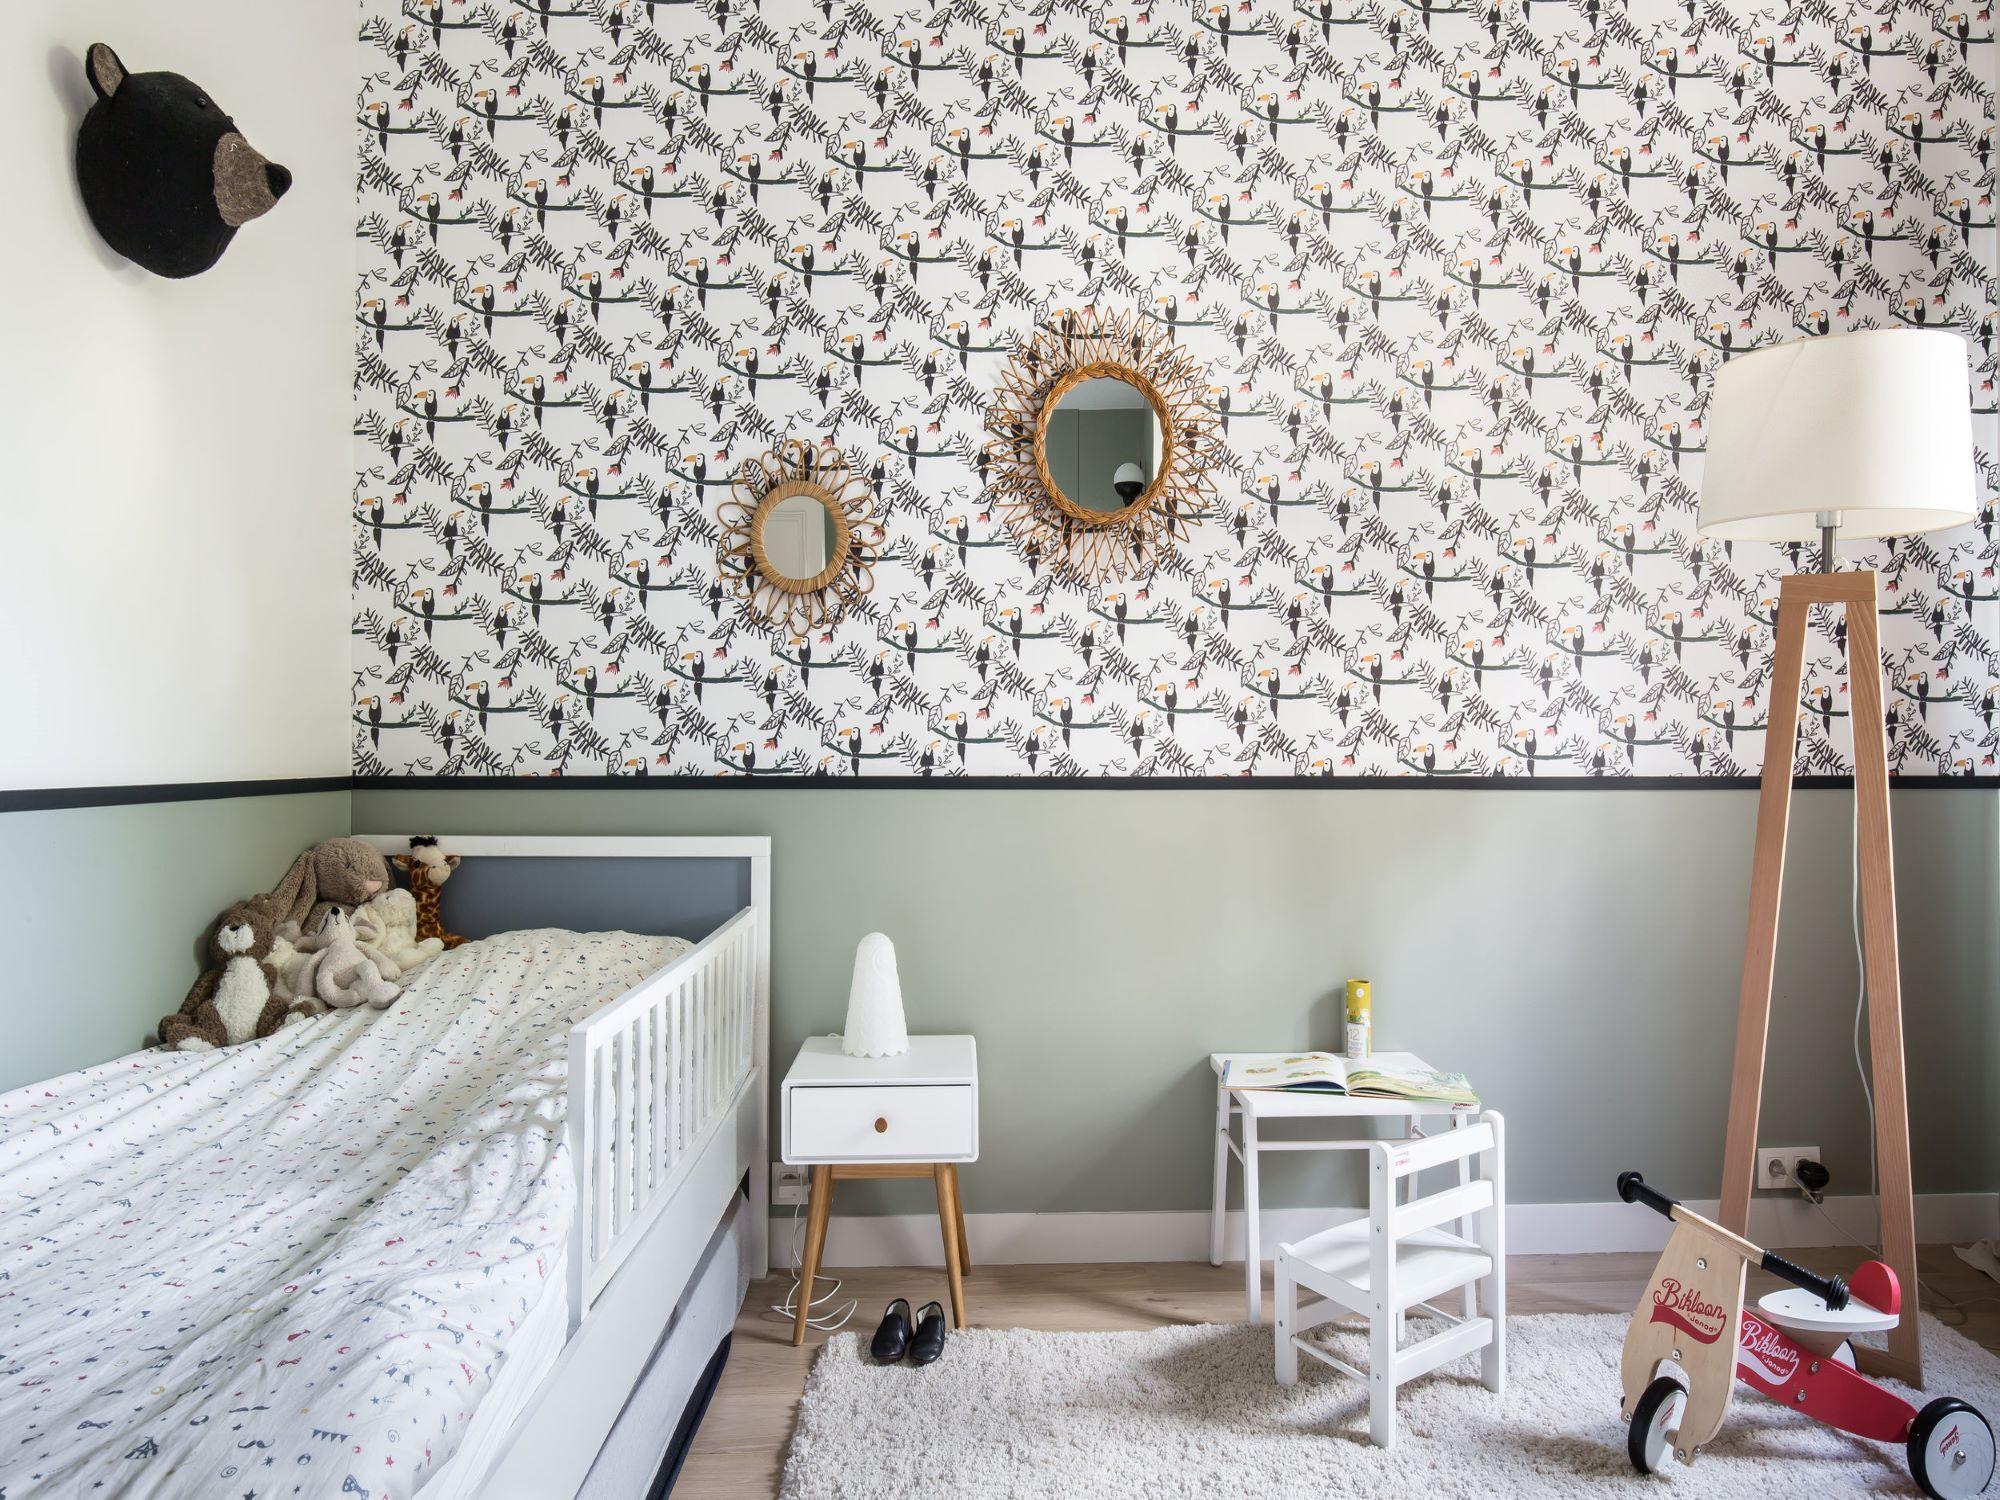 kinderkamer inrichten tips muren behang